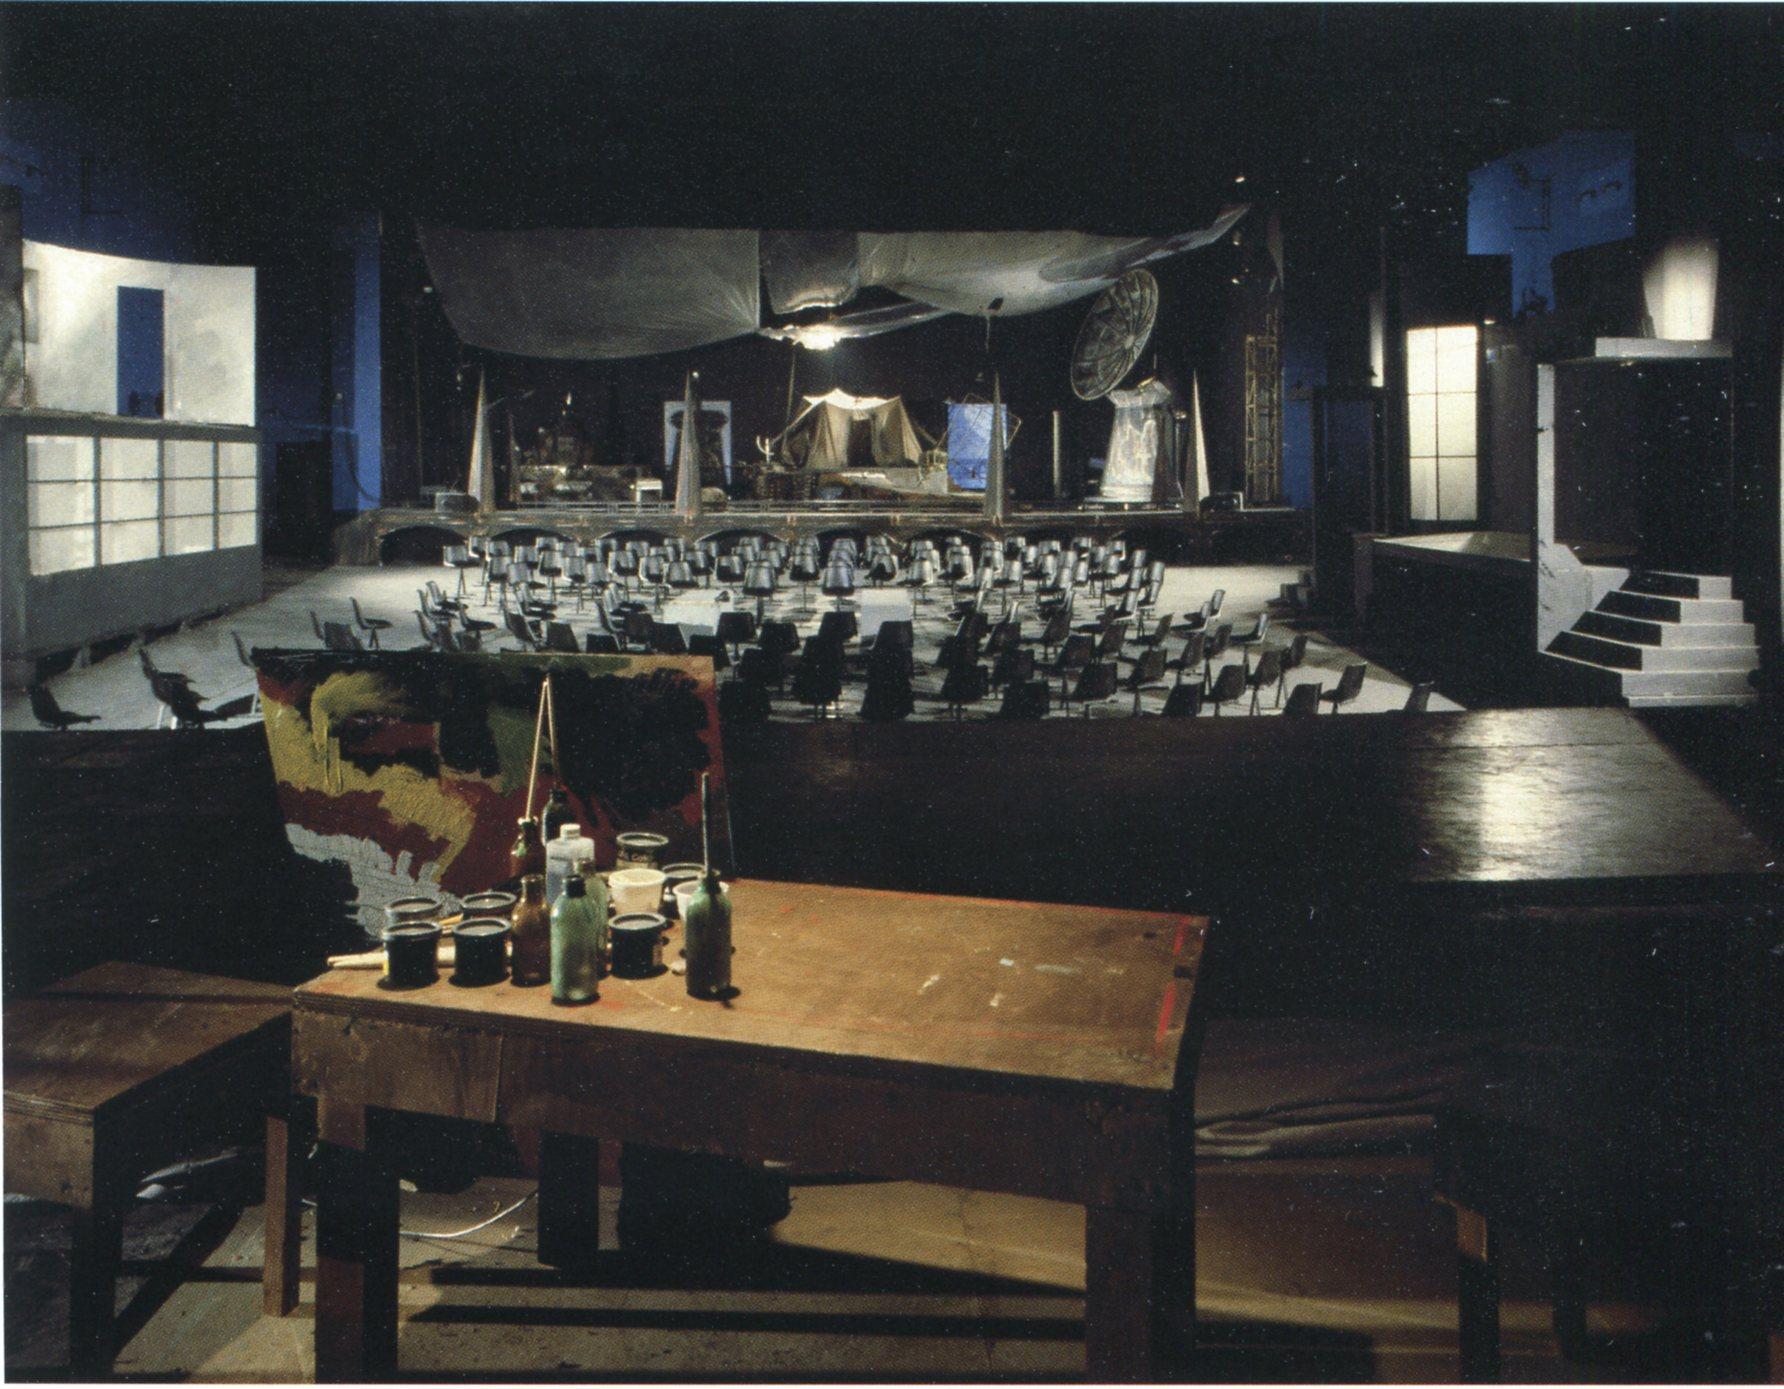 Falso Movimento, Ritorno ad Alphaville, regia Mario Martone, Benevento, 1986 ©Cesare Accetta